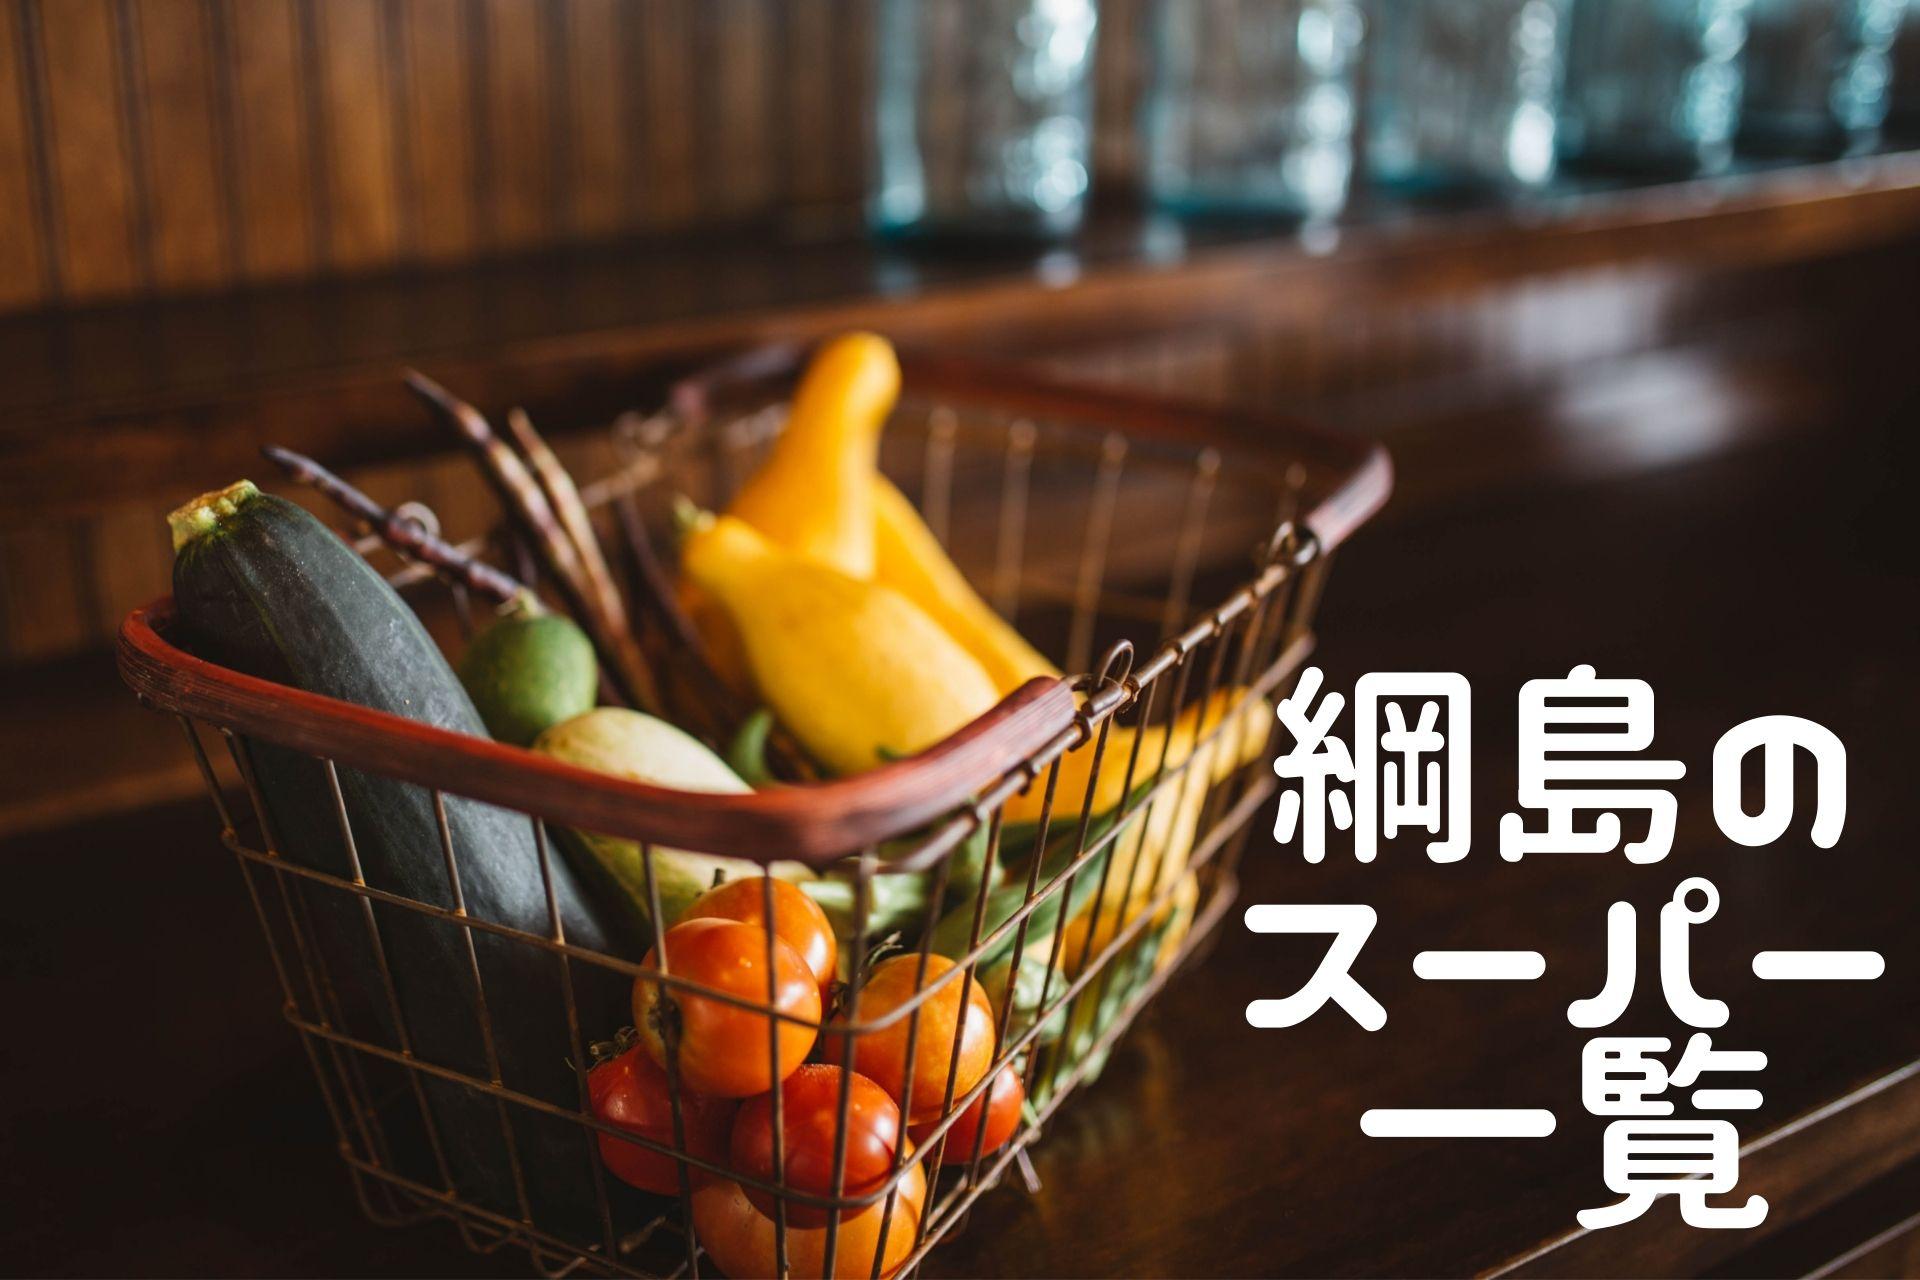 綱島のスーパー一覧